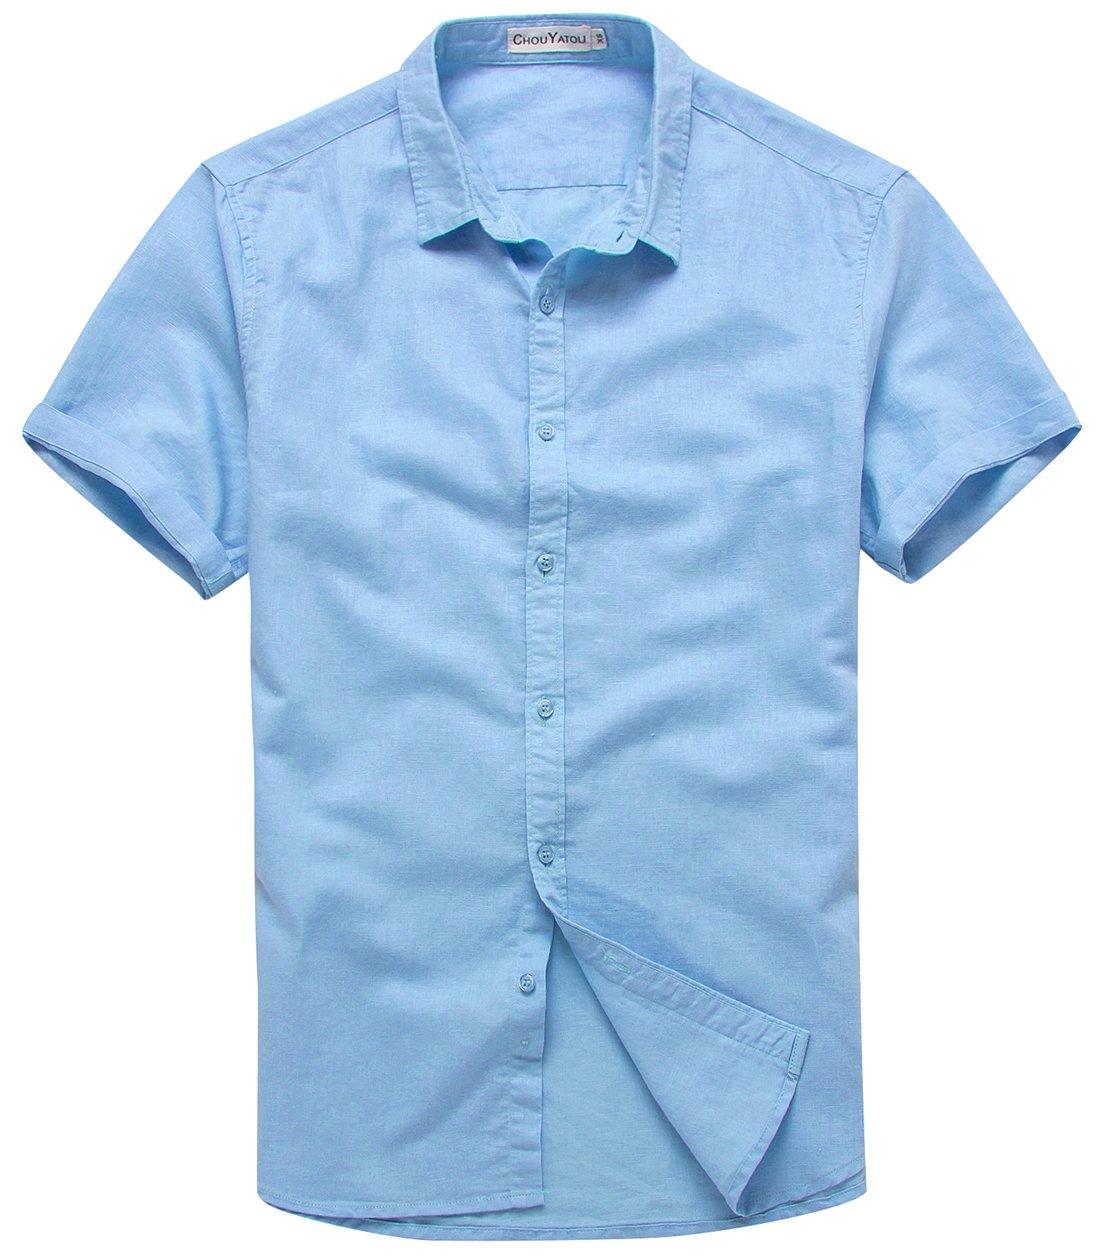 Chouyatou Men's Summer Basic Collar Short-Sleeved Linen Shirts (X-Large, Light Blue)